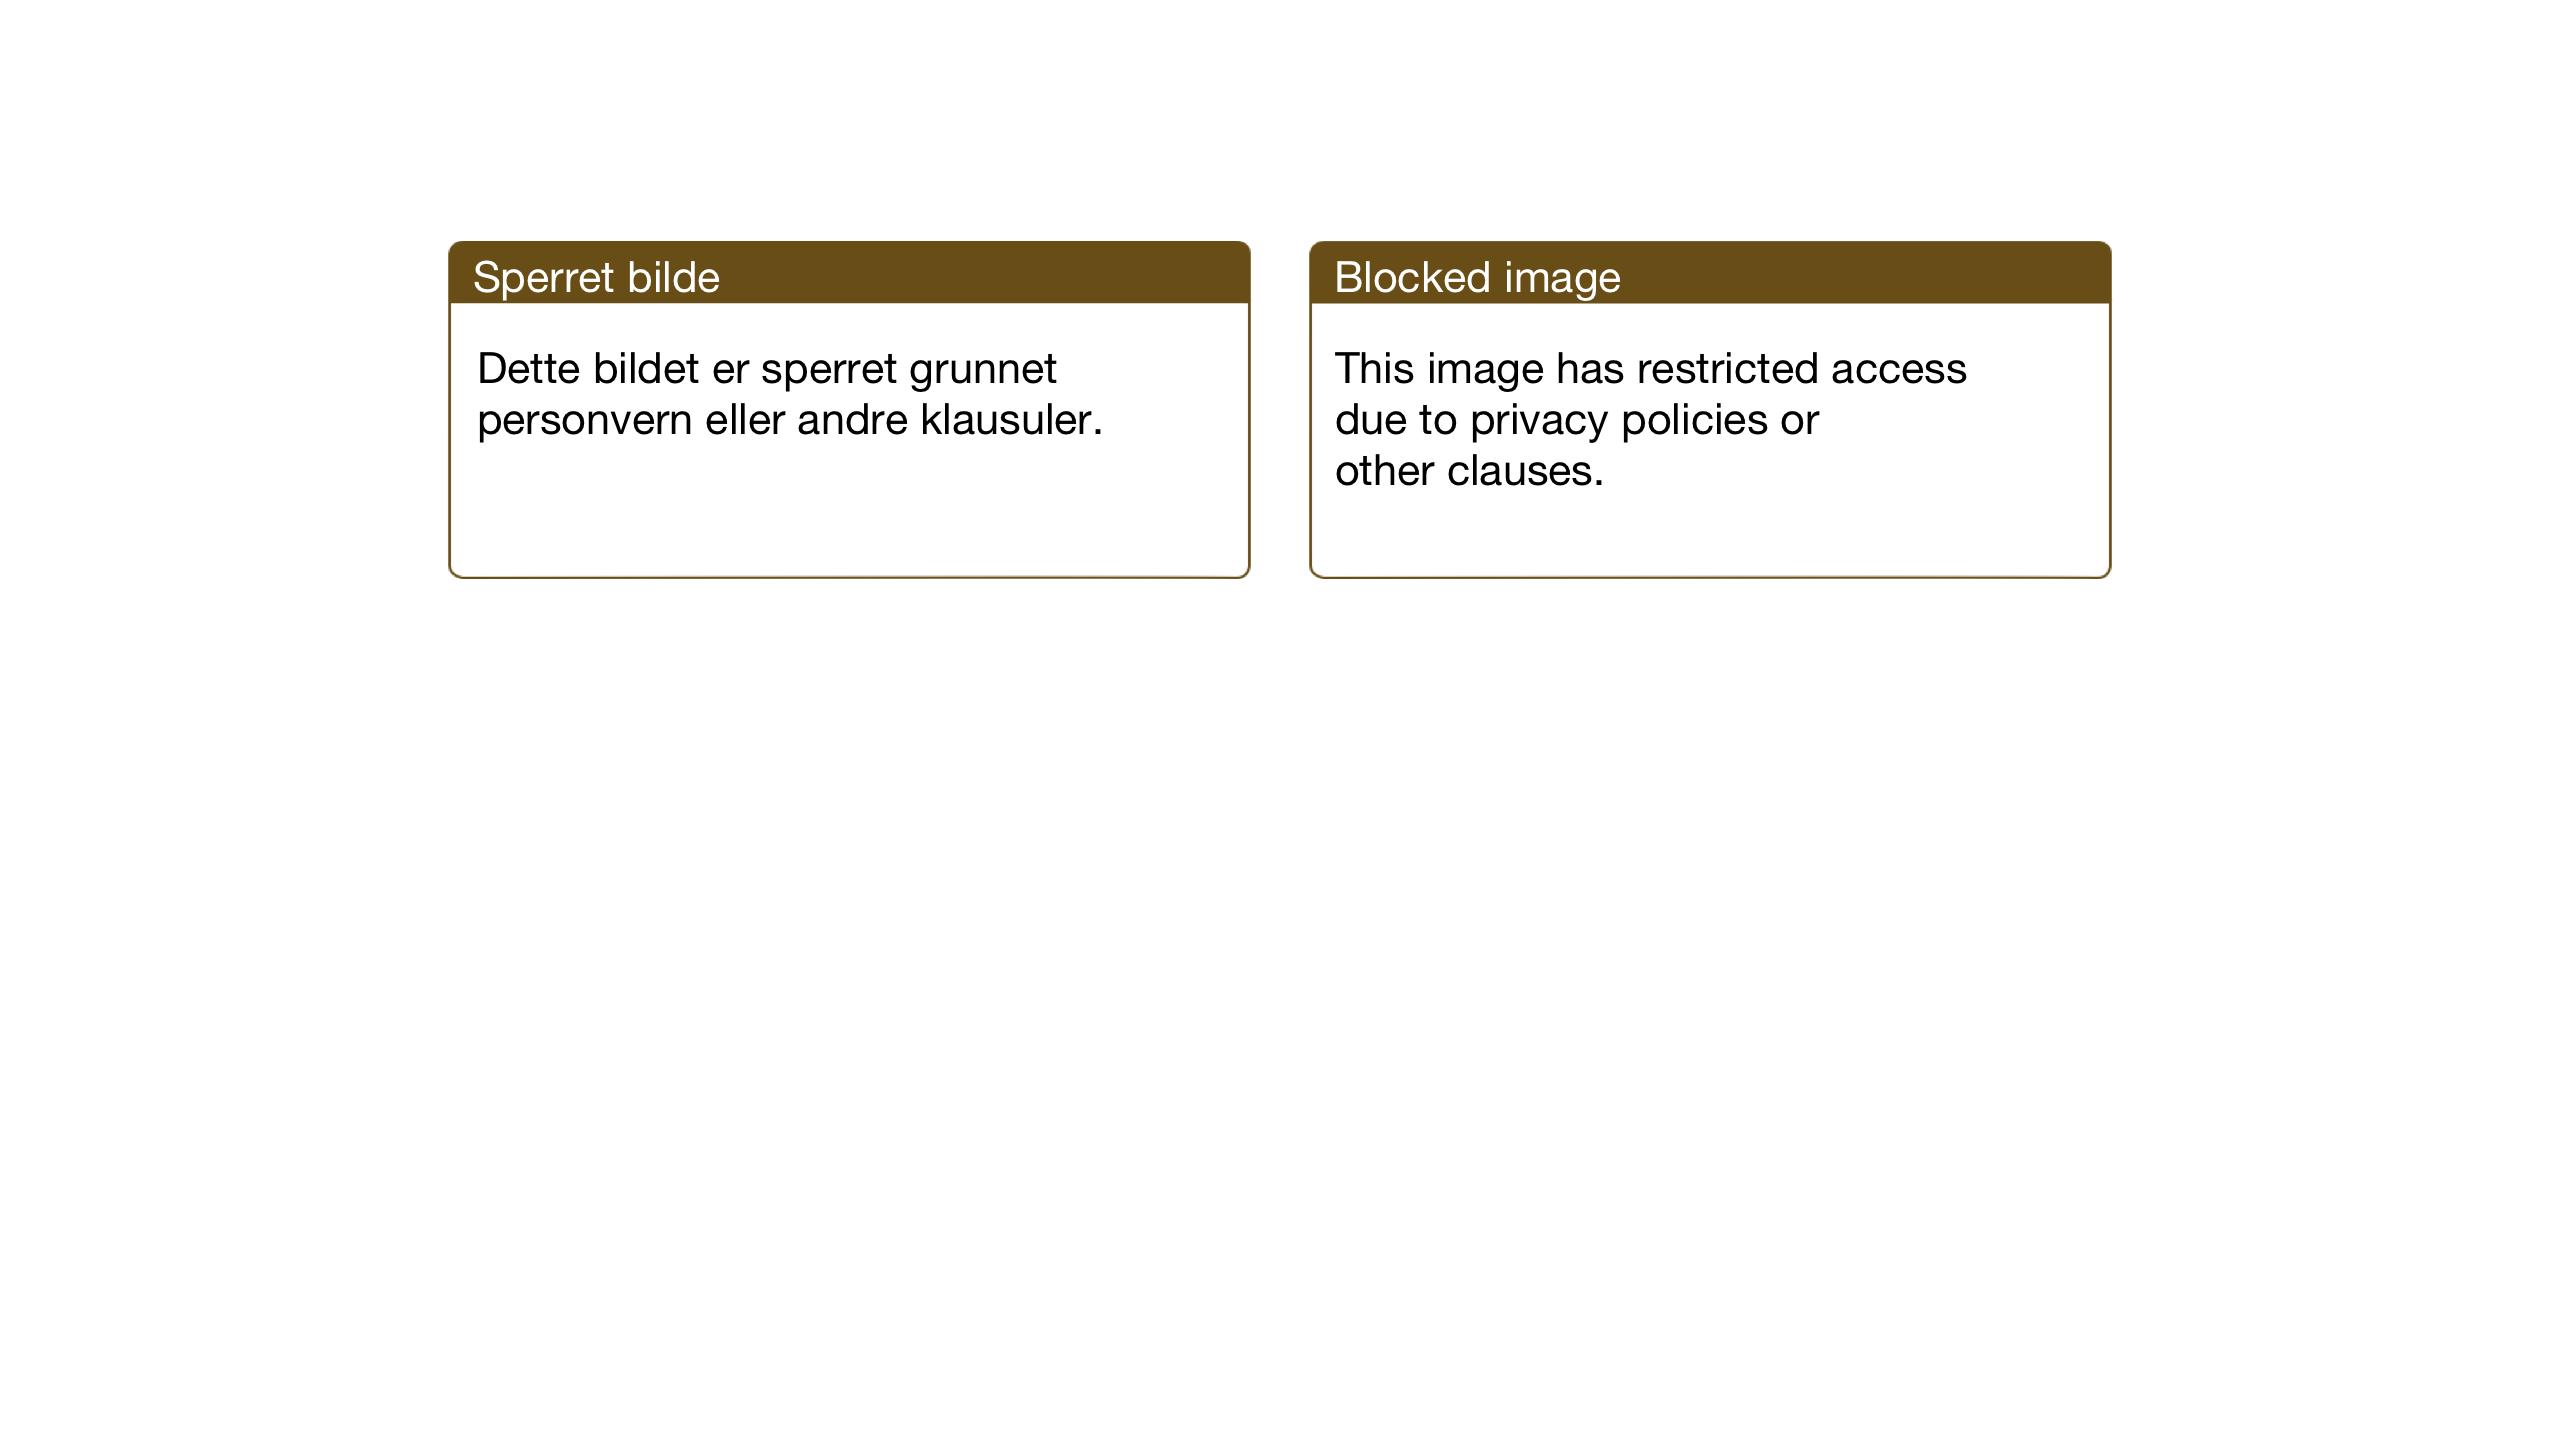 SAT, Ministerialprotokoller, klokkerbøker og fødselsregistre - Sør-Trøndelag, 604/L0227: Klokkerbok nr. 604C10, 1923-1942, s. 124